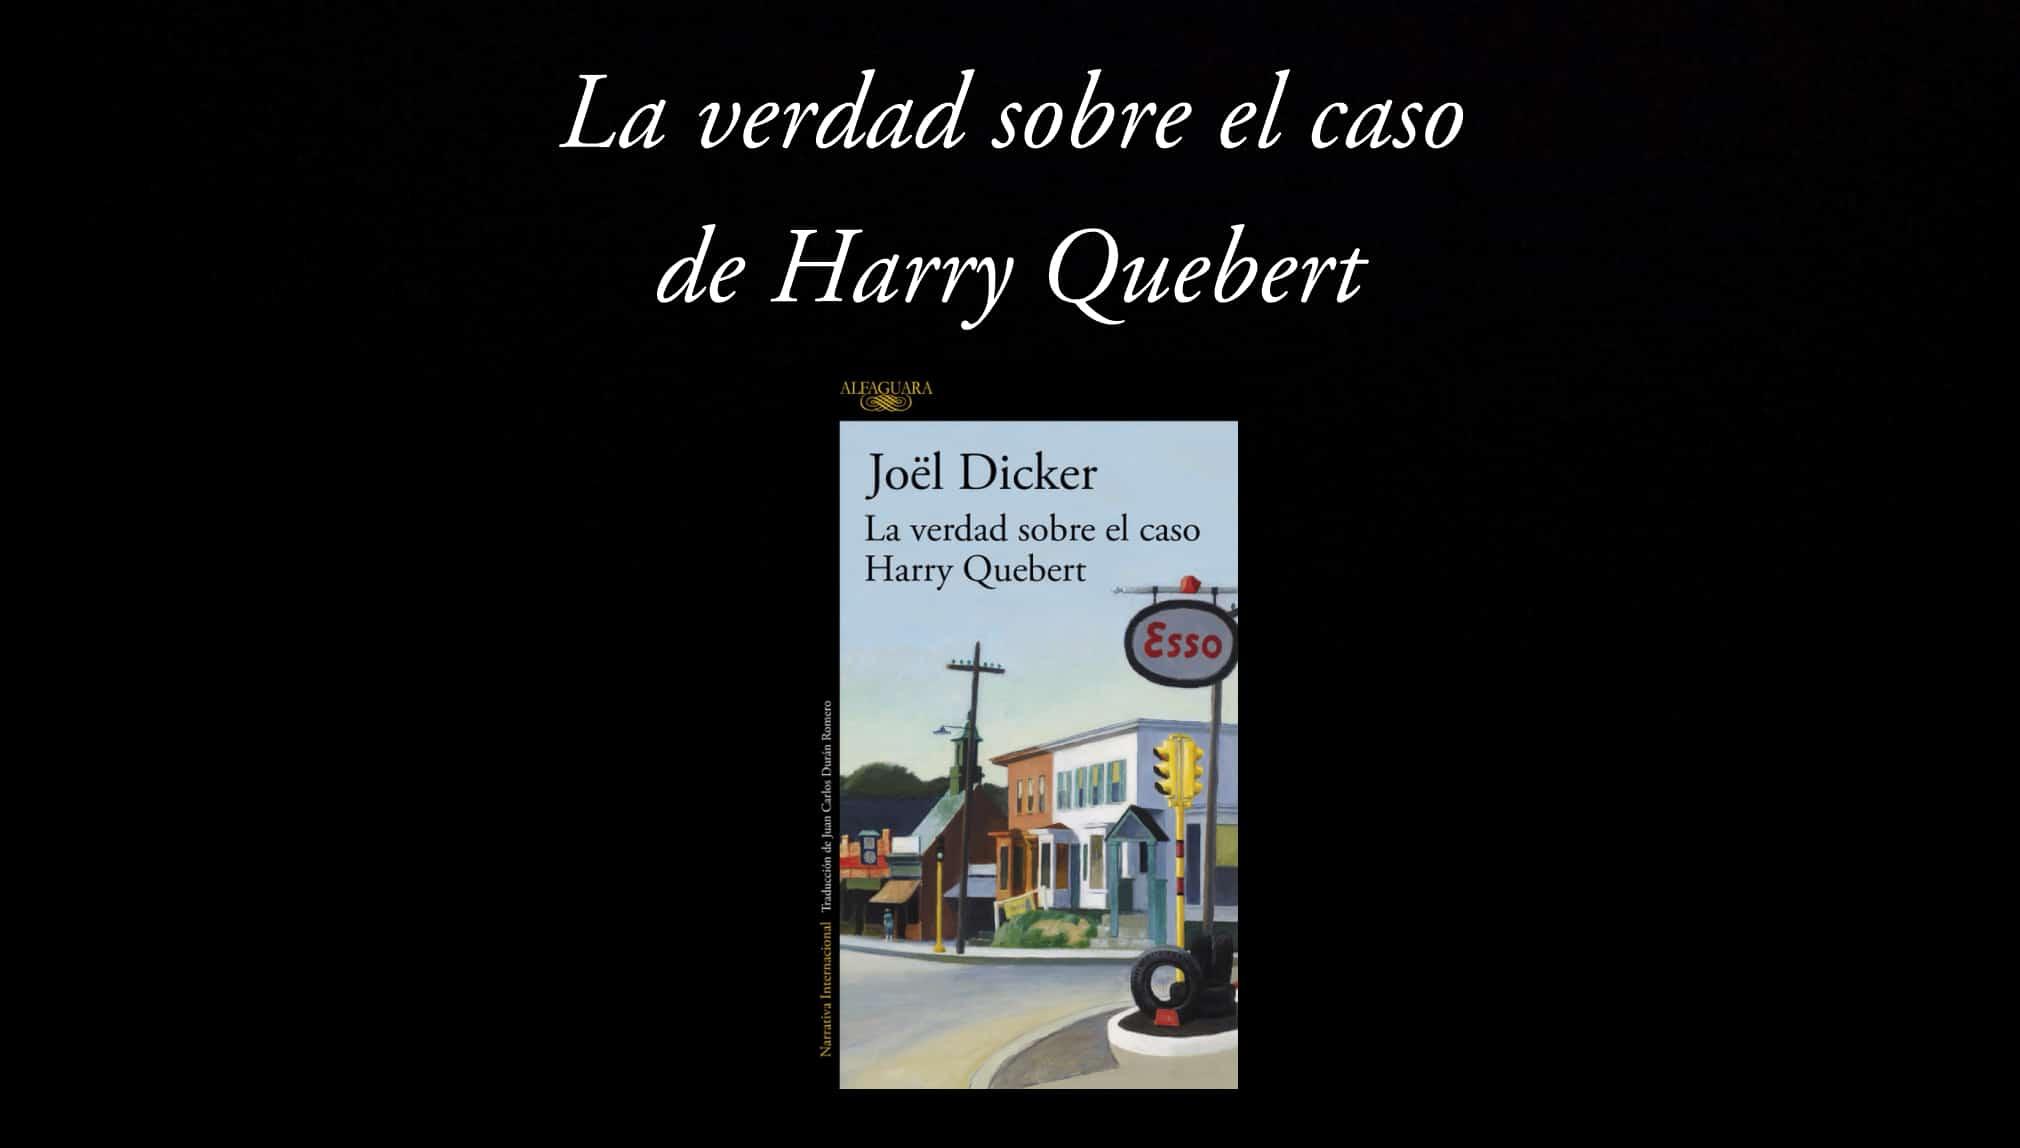 La verdad sobre el caso de Harry Quebert.